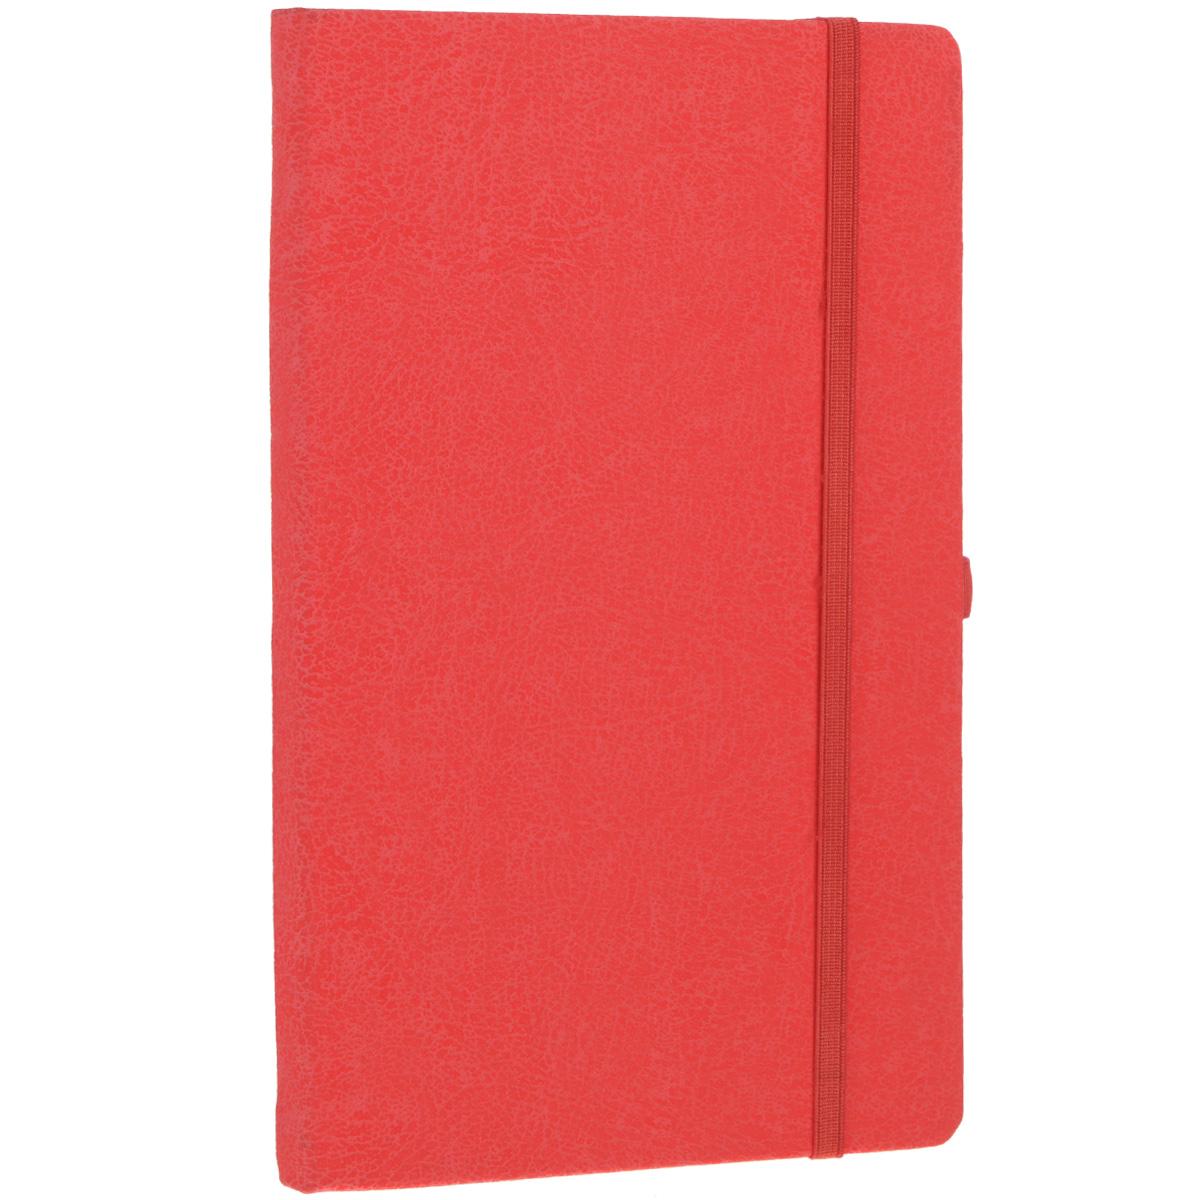 Записная книжка Erich Krause Perfect, цвет: красный, 96 листовЕКП15615203Записная книжка Erich Krause Perfect - это дополнительный штрих к вашему имиджу. Демократичная в своем содержании, книжка может быть использована не только для личных пометок и записей, но и как недатированный ежедневник. Надежная твердая обложка из плотного картона с тиснением под кожу сохранит ее в аккуратном состоянии на протяжении всего времени использования. Плотная в линейку бумага белого цвета, закладка-ляссе, практичные скругленные углы, эластичная петелька для ручки и внутренний бумажный карман на задней обложке - все это обеспечит вам истинное удовольствие от письма. В начале книжки имеется страничка для заполнения личных данных владельца, четыре страницы для заполнения адресов, телефонов и интернет-почты и четыре страницы для заполнения сайтов и ссылок. Благодаря небольшому формату книжку легко взять с собой. Записная книжка плотно закрывается при помощи фиксирующей резинки.